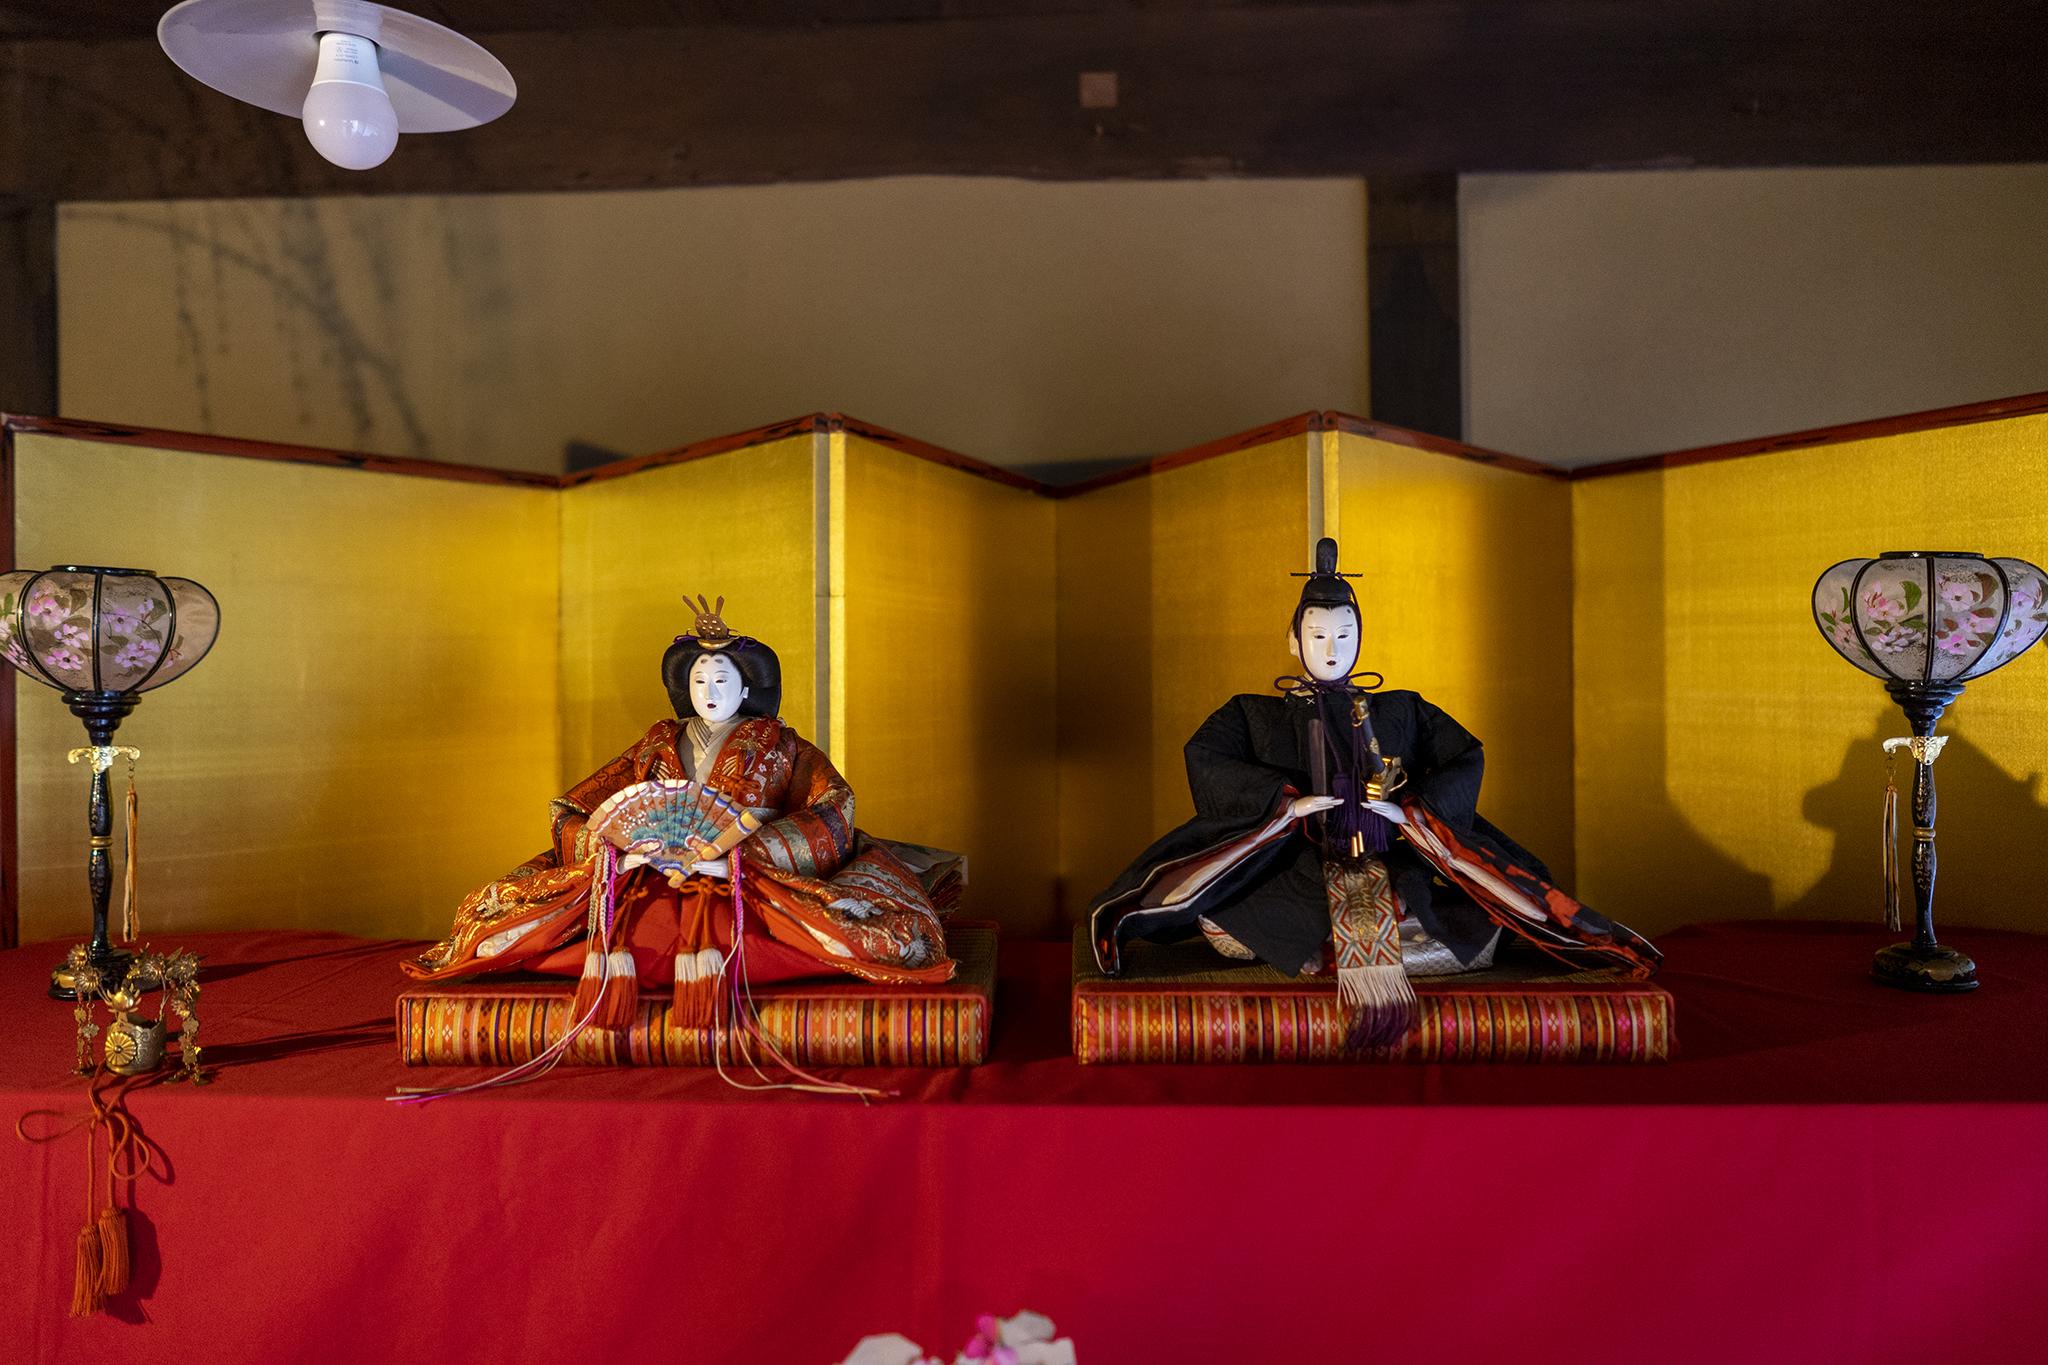 讃州井筒屋敷母屋がひな人形で飾られる。